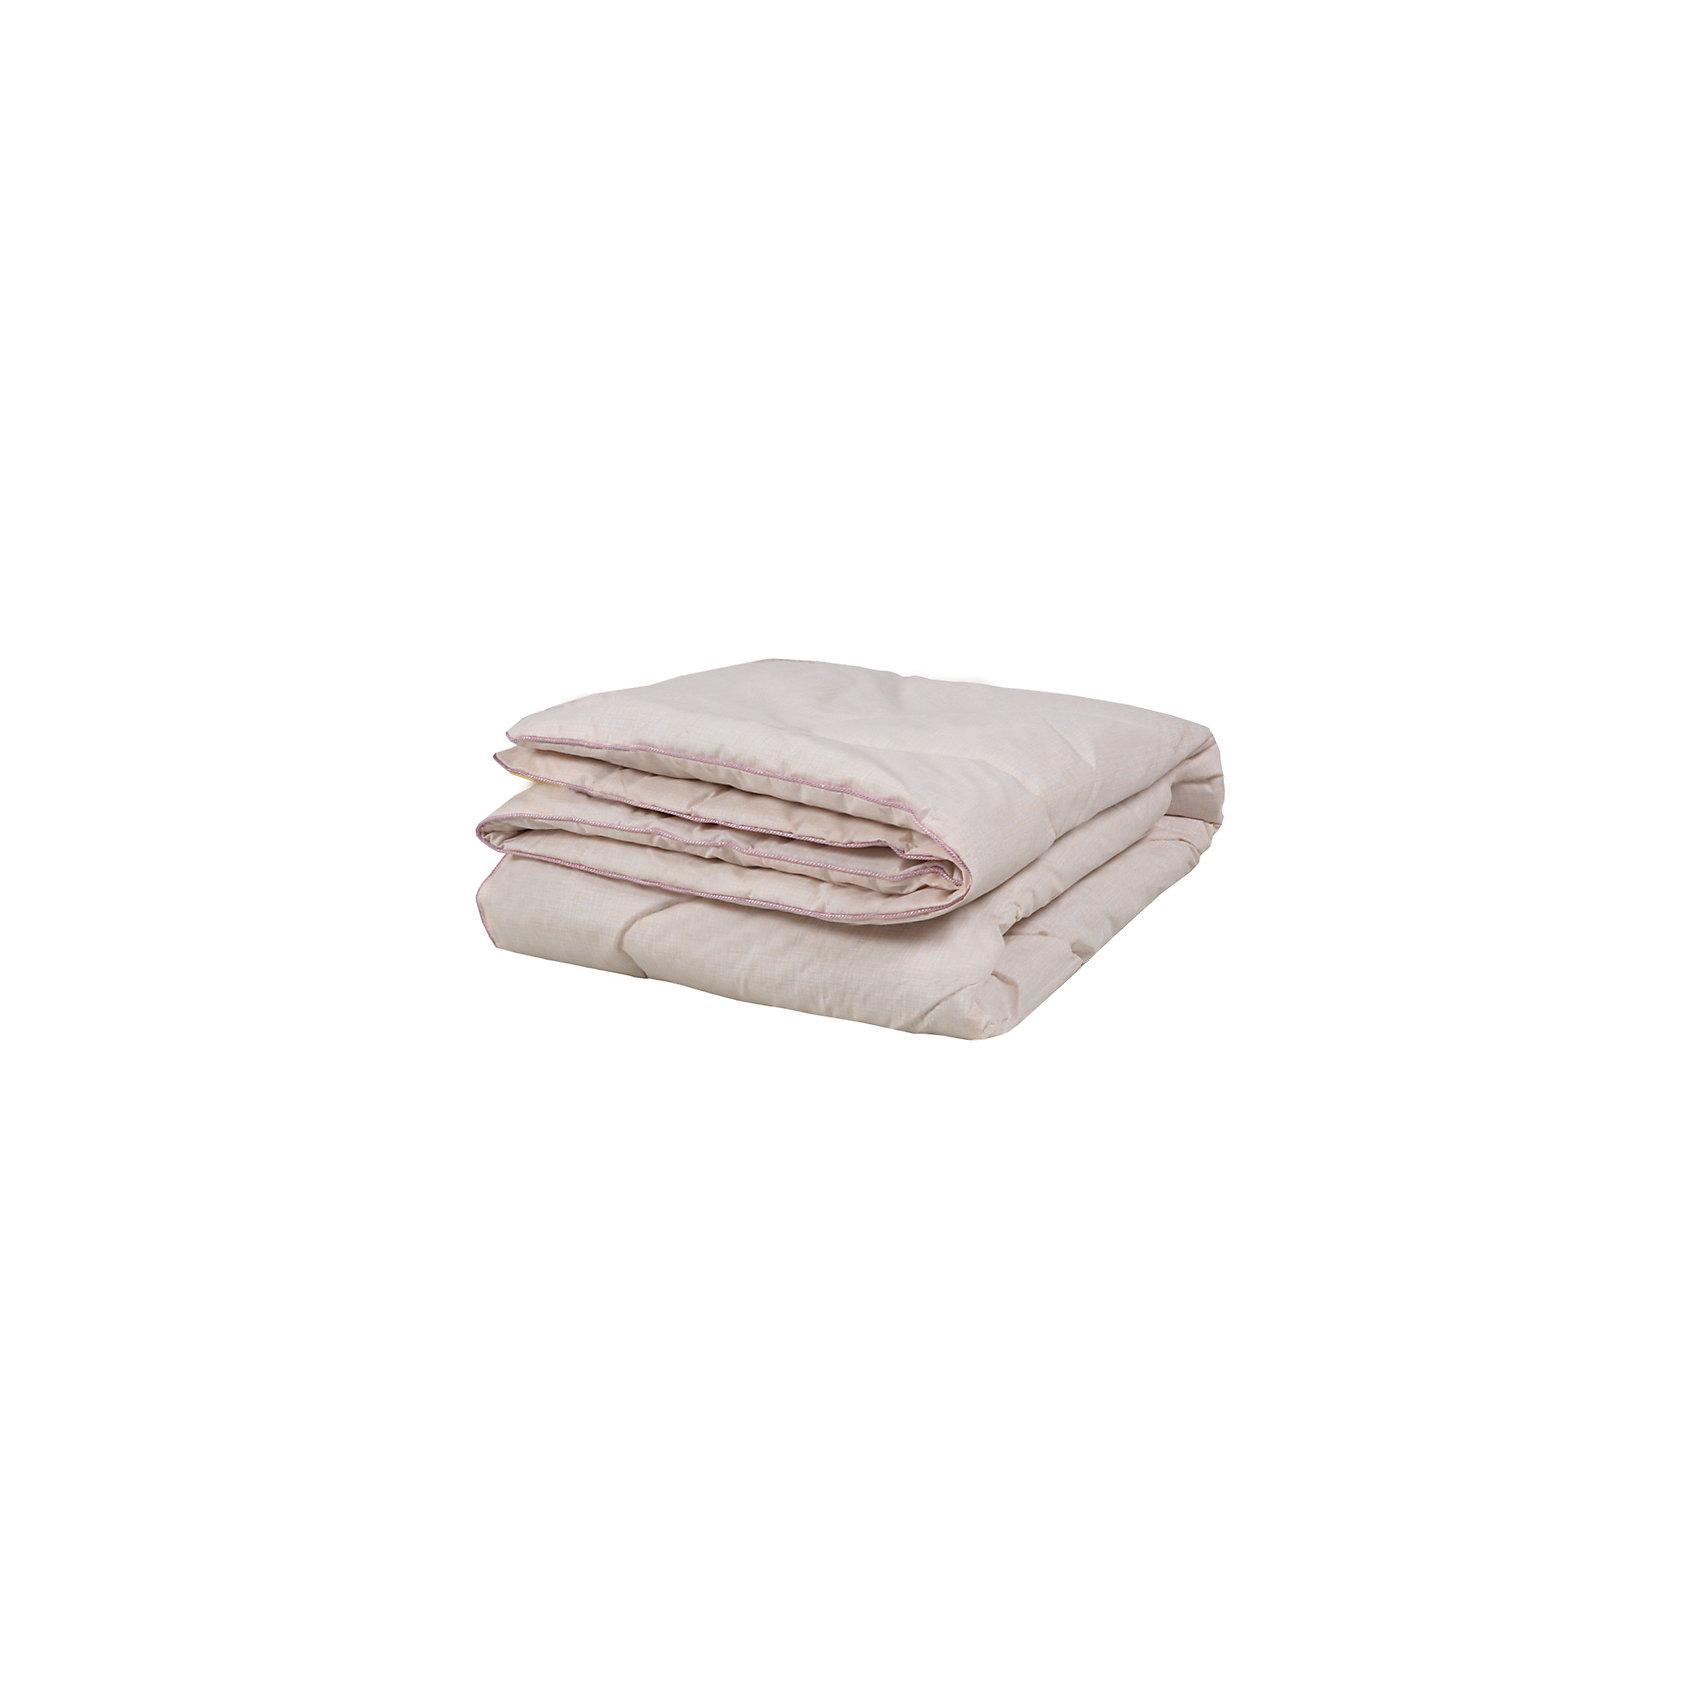 Одеяло 170*205 с льняным волокном, Mona LizaДомашний текстиль<br>Характеристики:<br><br>• размер одеяла: 170х205 см<br>• материал верха: 100% полиэстер<br>• наполнитель: 30% лён, 70% полиэстер<br>• размер упаковки: 47х25х47 см<br>• вес: 1600 грамм<br><br>Одеяло с льняным волокном от Mona Liza - высококачественное изделие, которое согреет вас и подарит ощущение уюта и комфорта во время сна. Одеяло обеспечивает правильную терморегуляцию, а также обладает такими важными свойствами как гигроскопичность, антибактериальность, износостойкость и гипоаллергенность. Материал одеяла приятен телу, не вызывает аллергических реакций. Наполнитель устойчив к образованию комков.<br><br>Одеяло 170*205 с льняным волокном, Mona Liza (Мона Лиза) вы можете купить в нашем интернет-магазине.<br><br>Ширина мм: 470<br>Глубина мм: 250<br>Высота мм: 470<br>Вес г: 1600<br>Возраст от месяцев: 84<br>Возраст до месяцев: 600<br>Пол: Унисекс<br>Возраст: Детский<br>SKU: 6765302